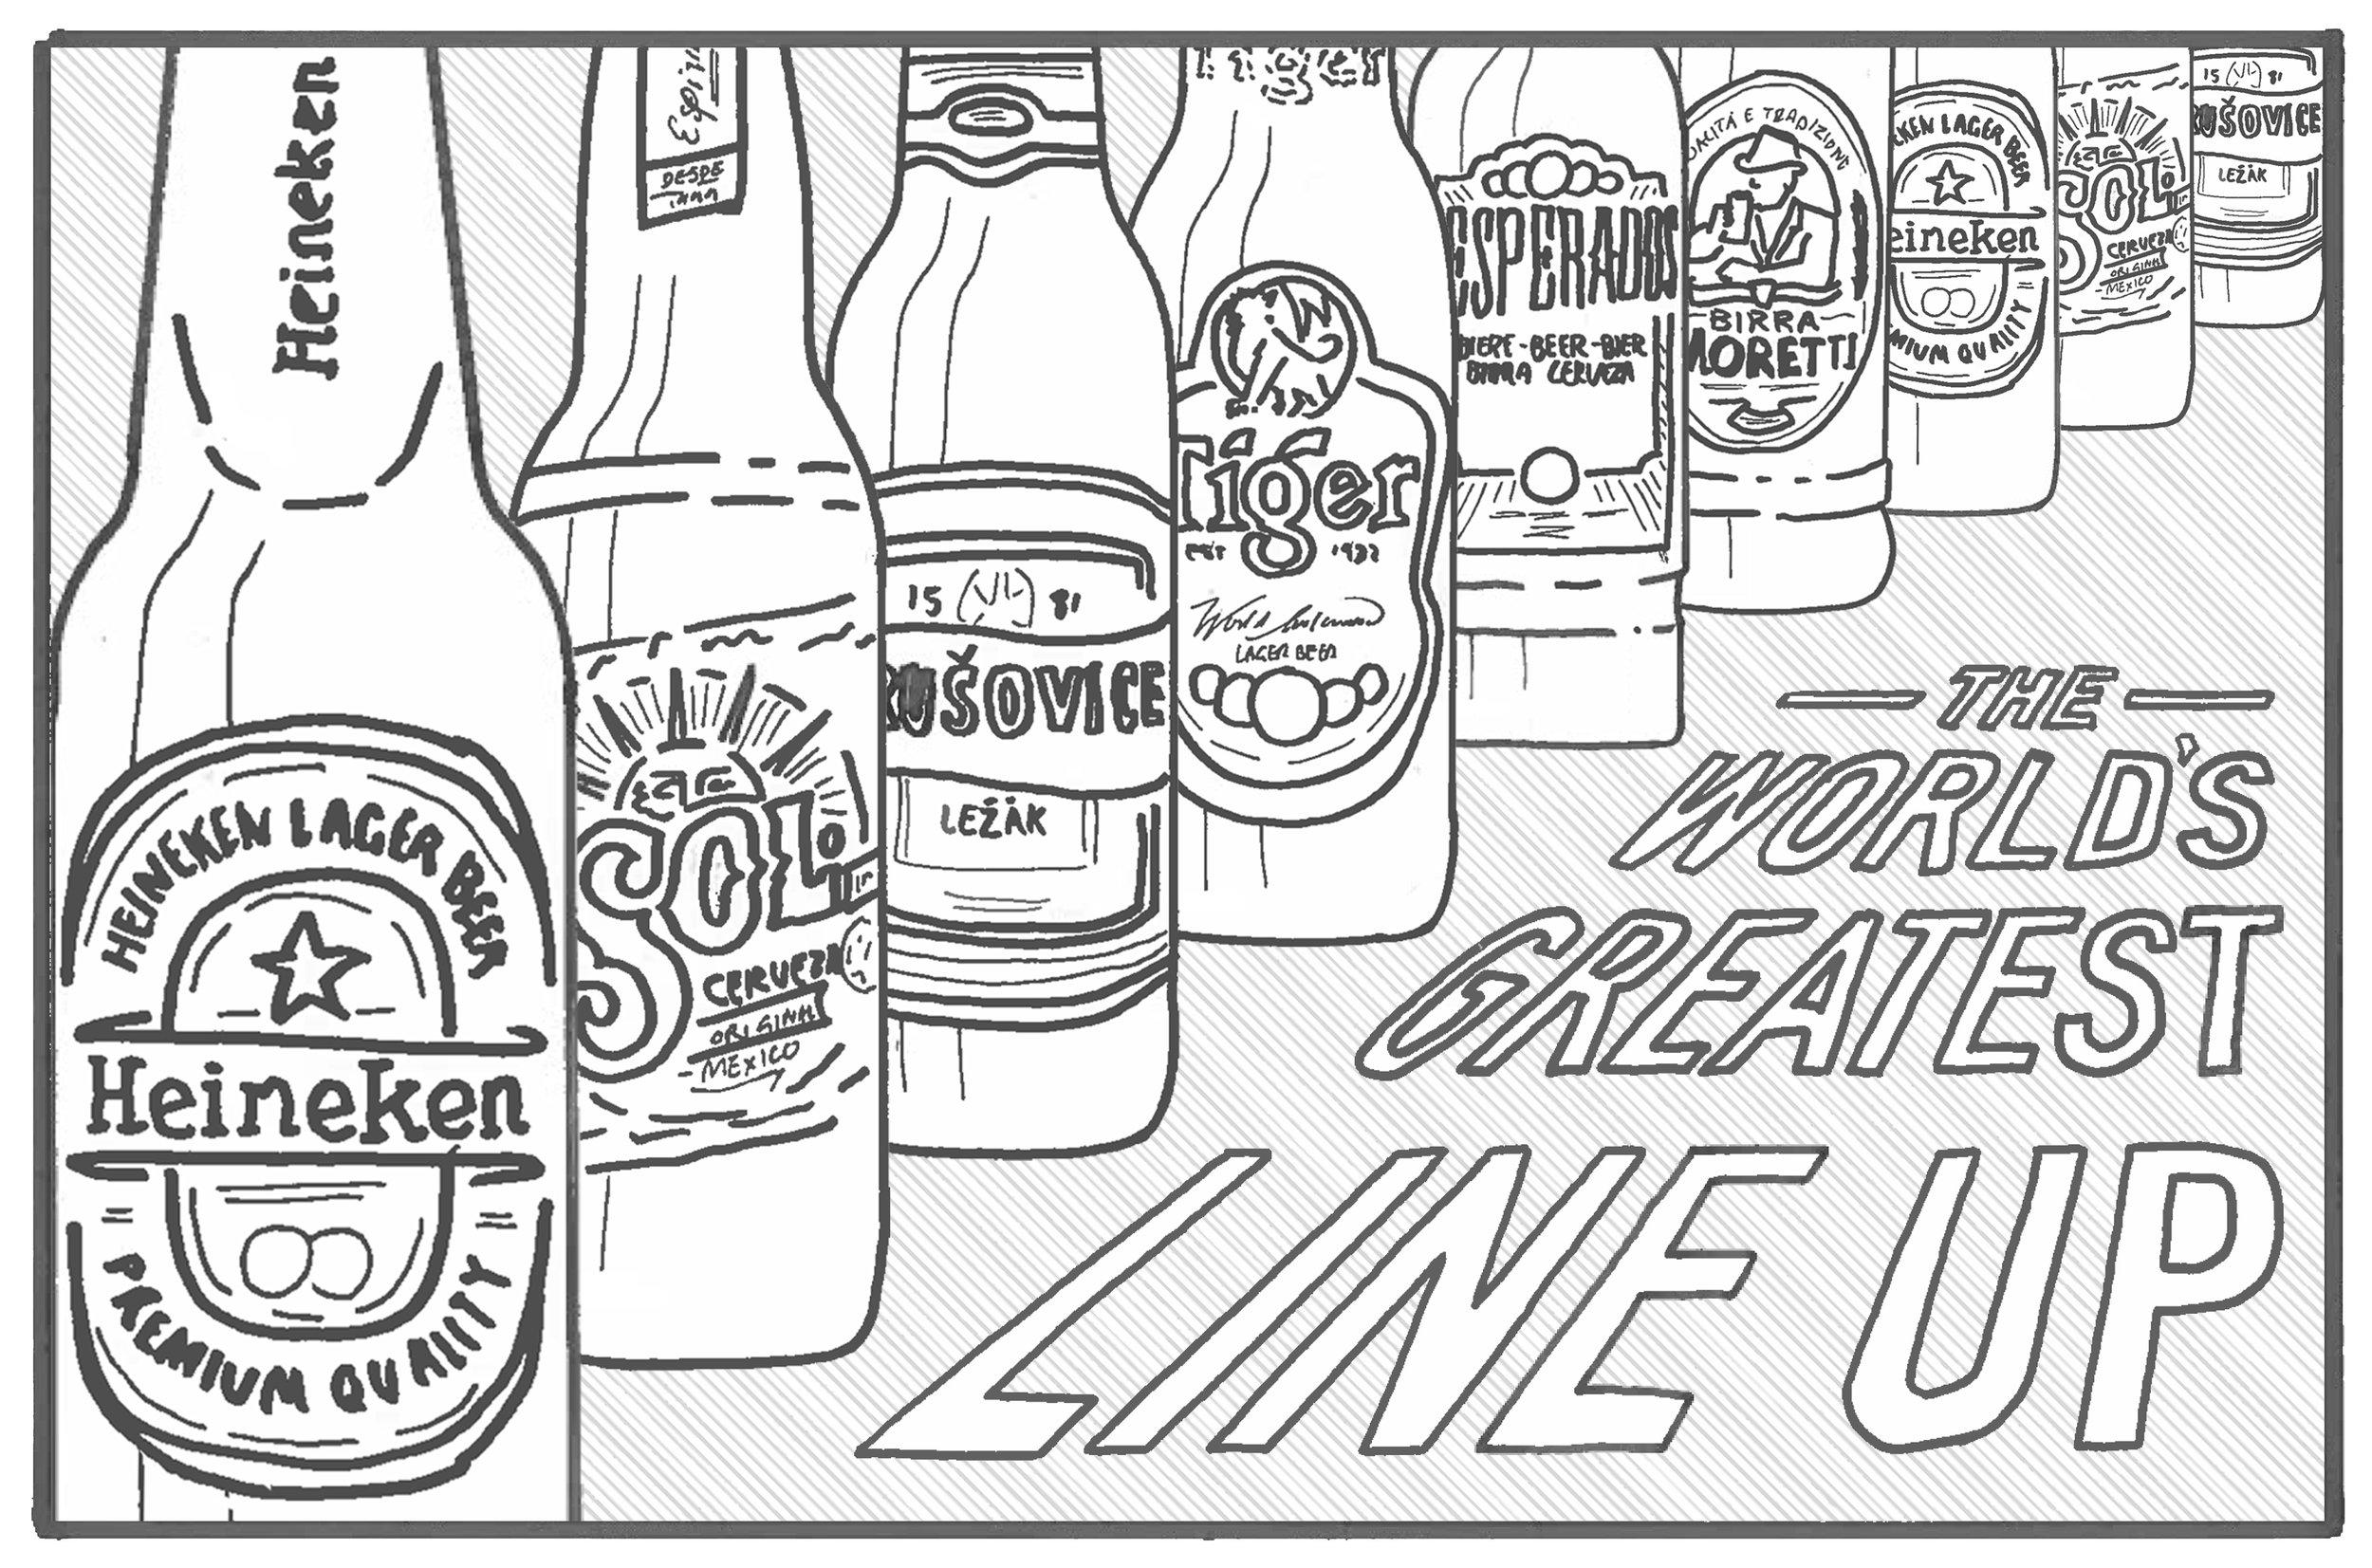 Lager-Cider-Scamps4.jpg